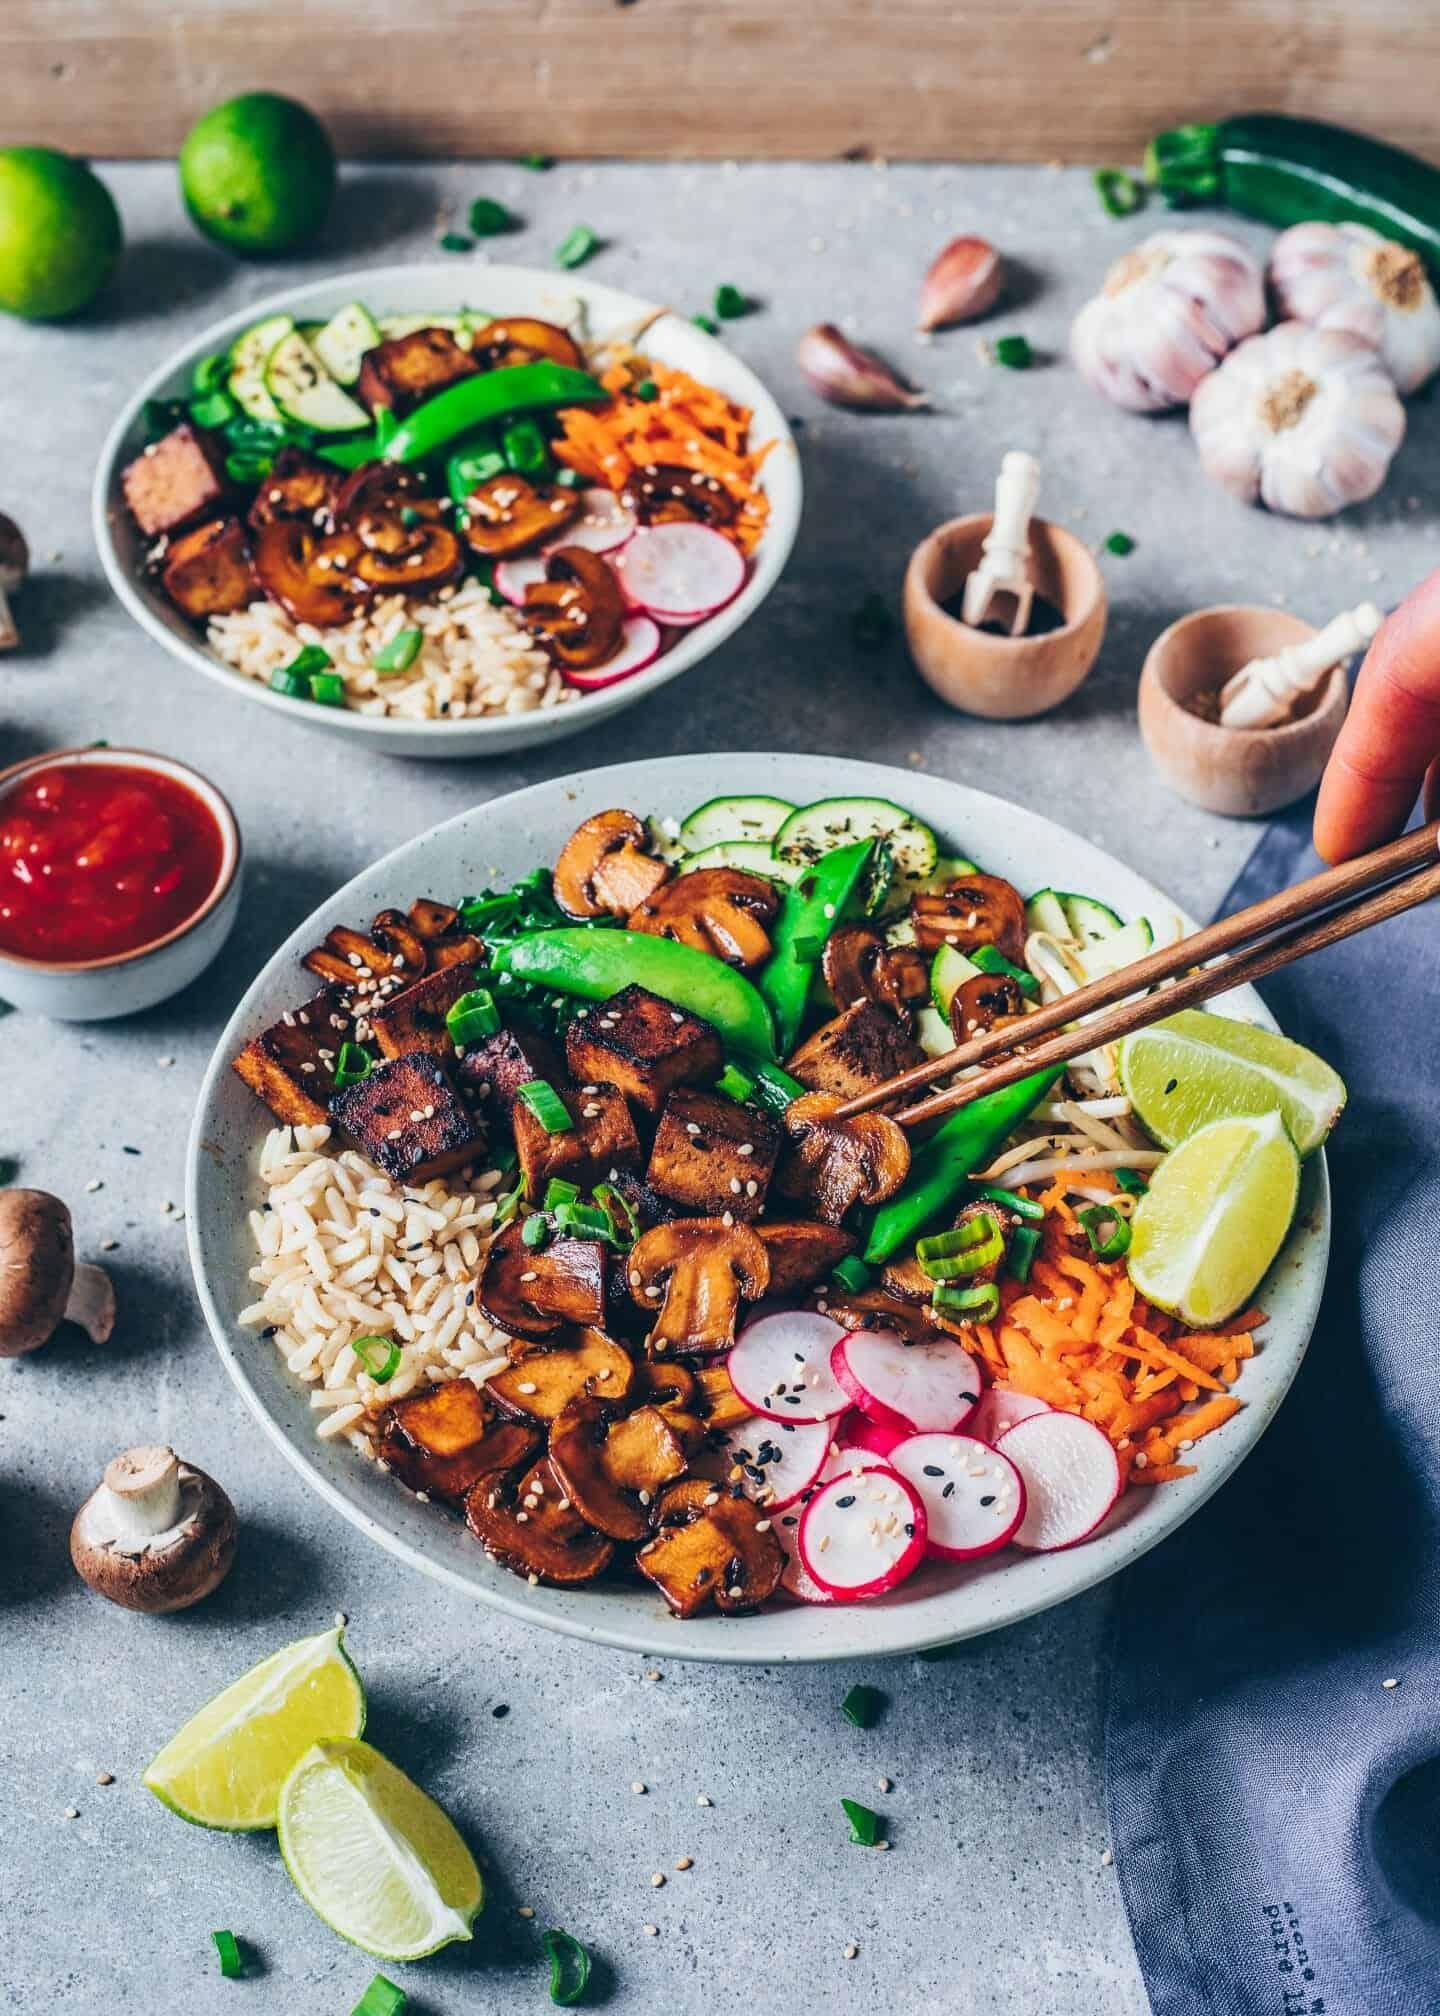 Bibimbap Rezept. Koreanisches Gericht mit Reis, Gemüse und Tofu. Vegan. Einfach, gesund, lecker, asiatisch.